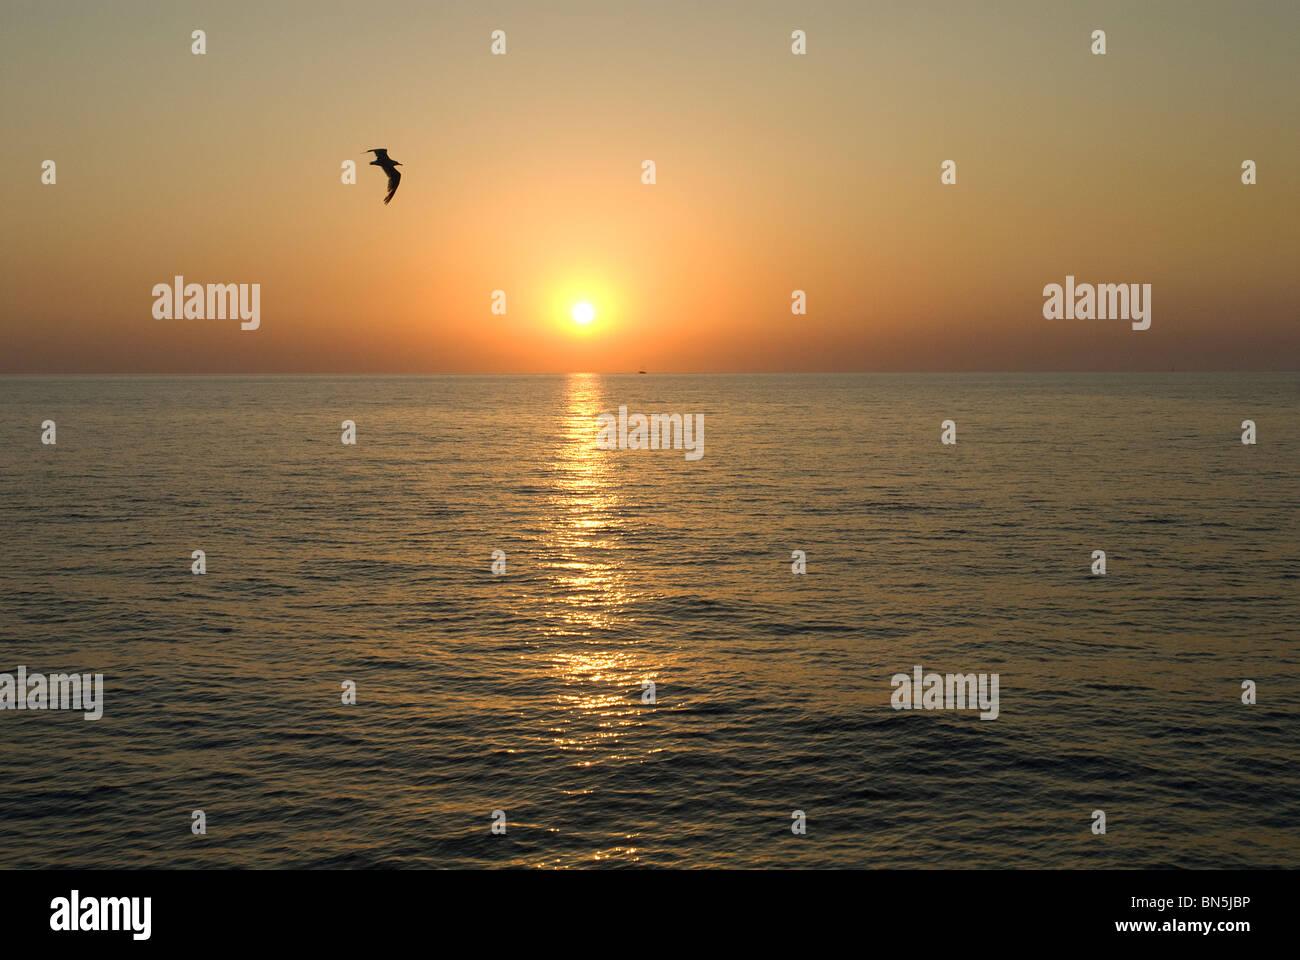 Sonnenuntergang mit Möwe, Bucht von San Antonio, Ibiza, Balearen, Spanien Stockbild